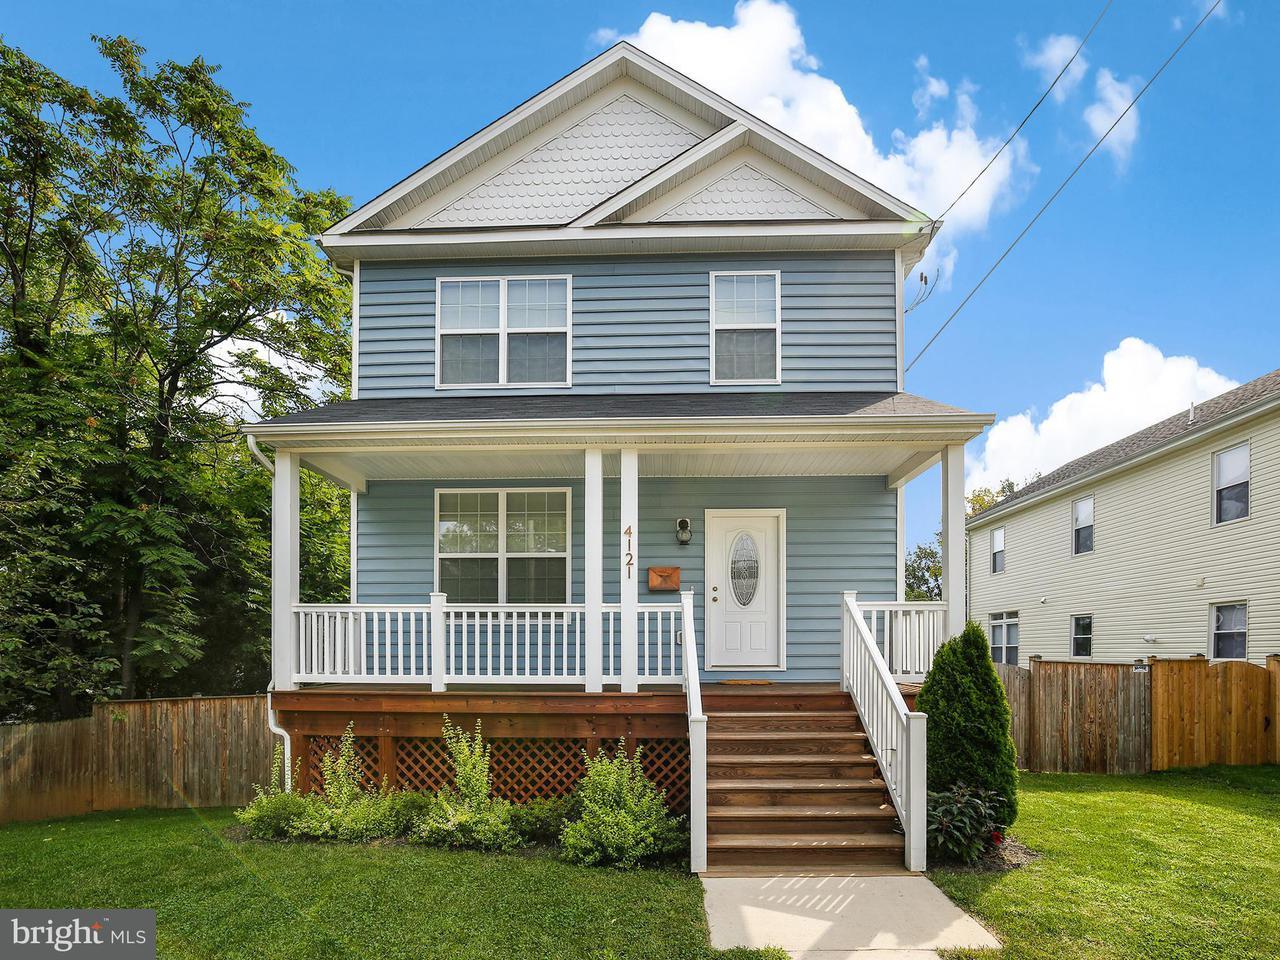 Μονοκατοικία για την Πώληση στο 4121 34th Street 4121 34th Street Mount Rainier, Μεριλαντ 20712 Ηνωμενεσ Πολιτειεσ